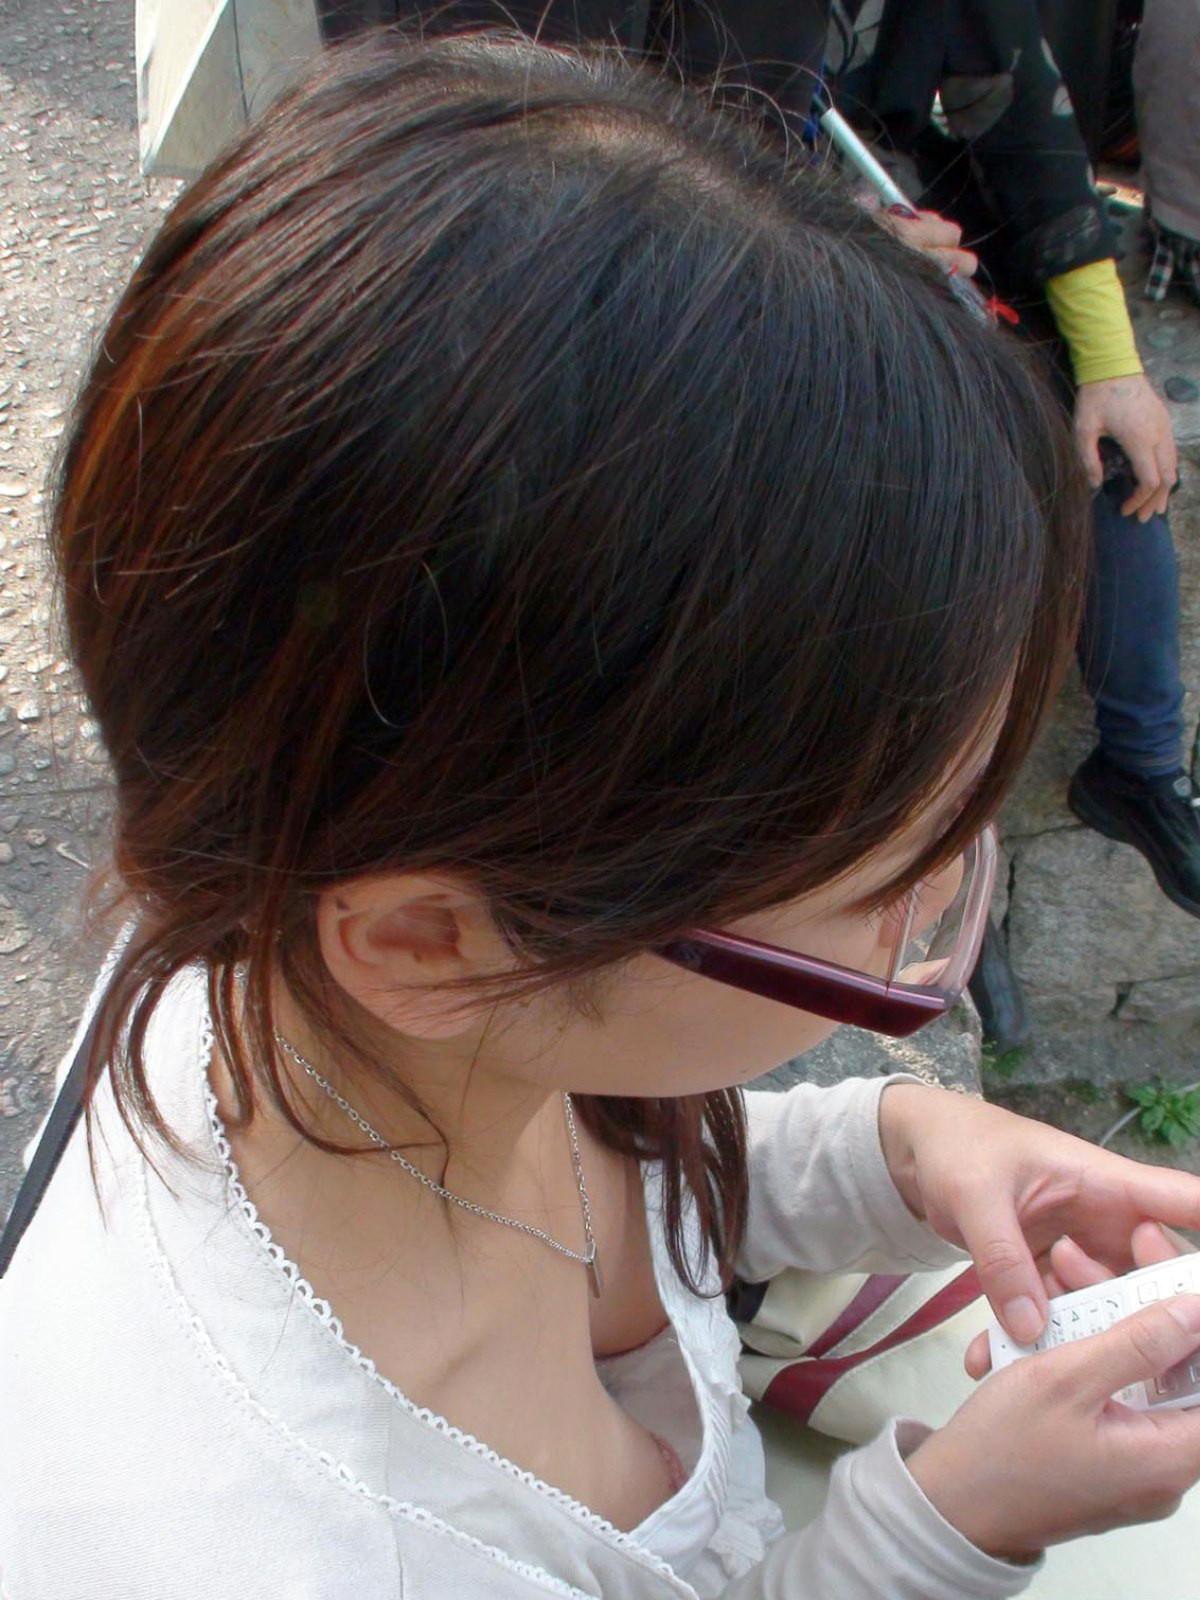 【胸チラエロ画像】どんどん薄着になるからチャンスも…期待の胸チラ多き街の風景www 15